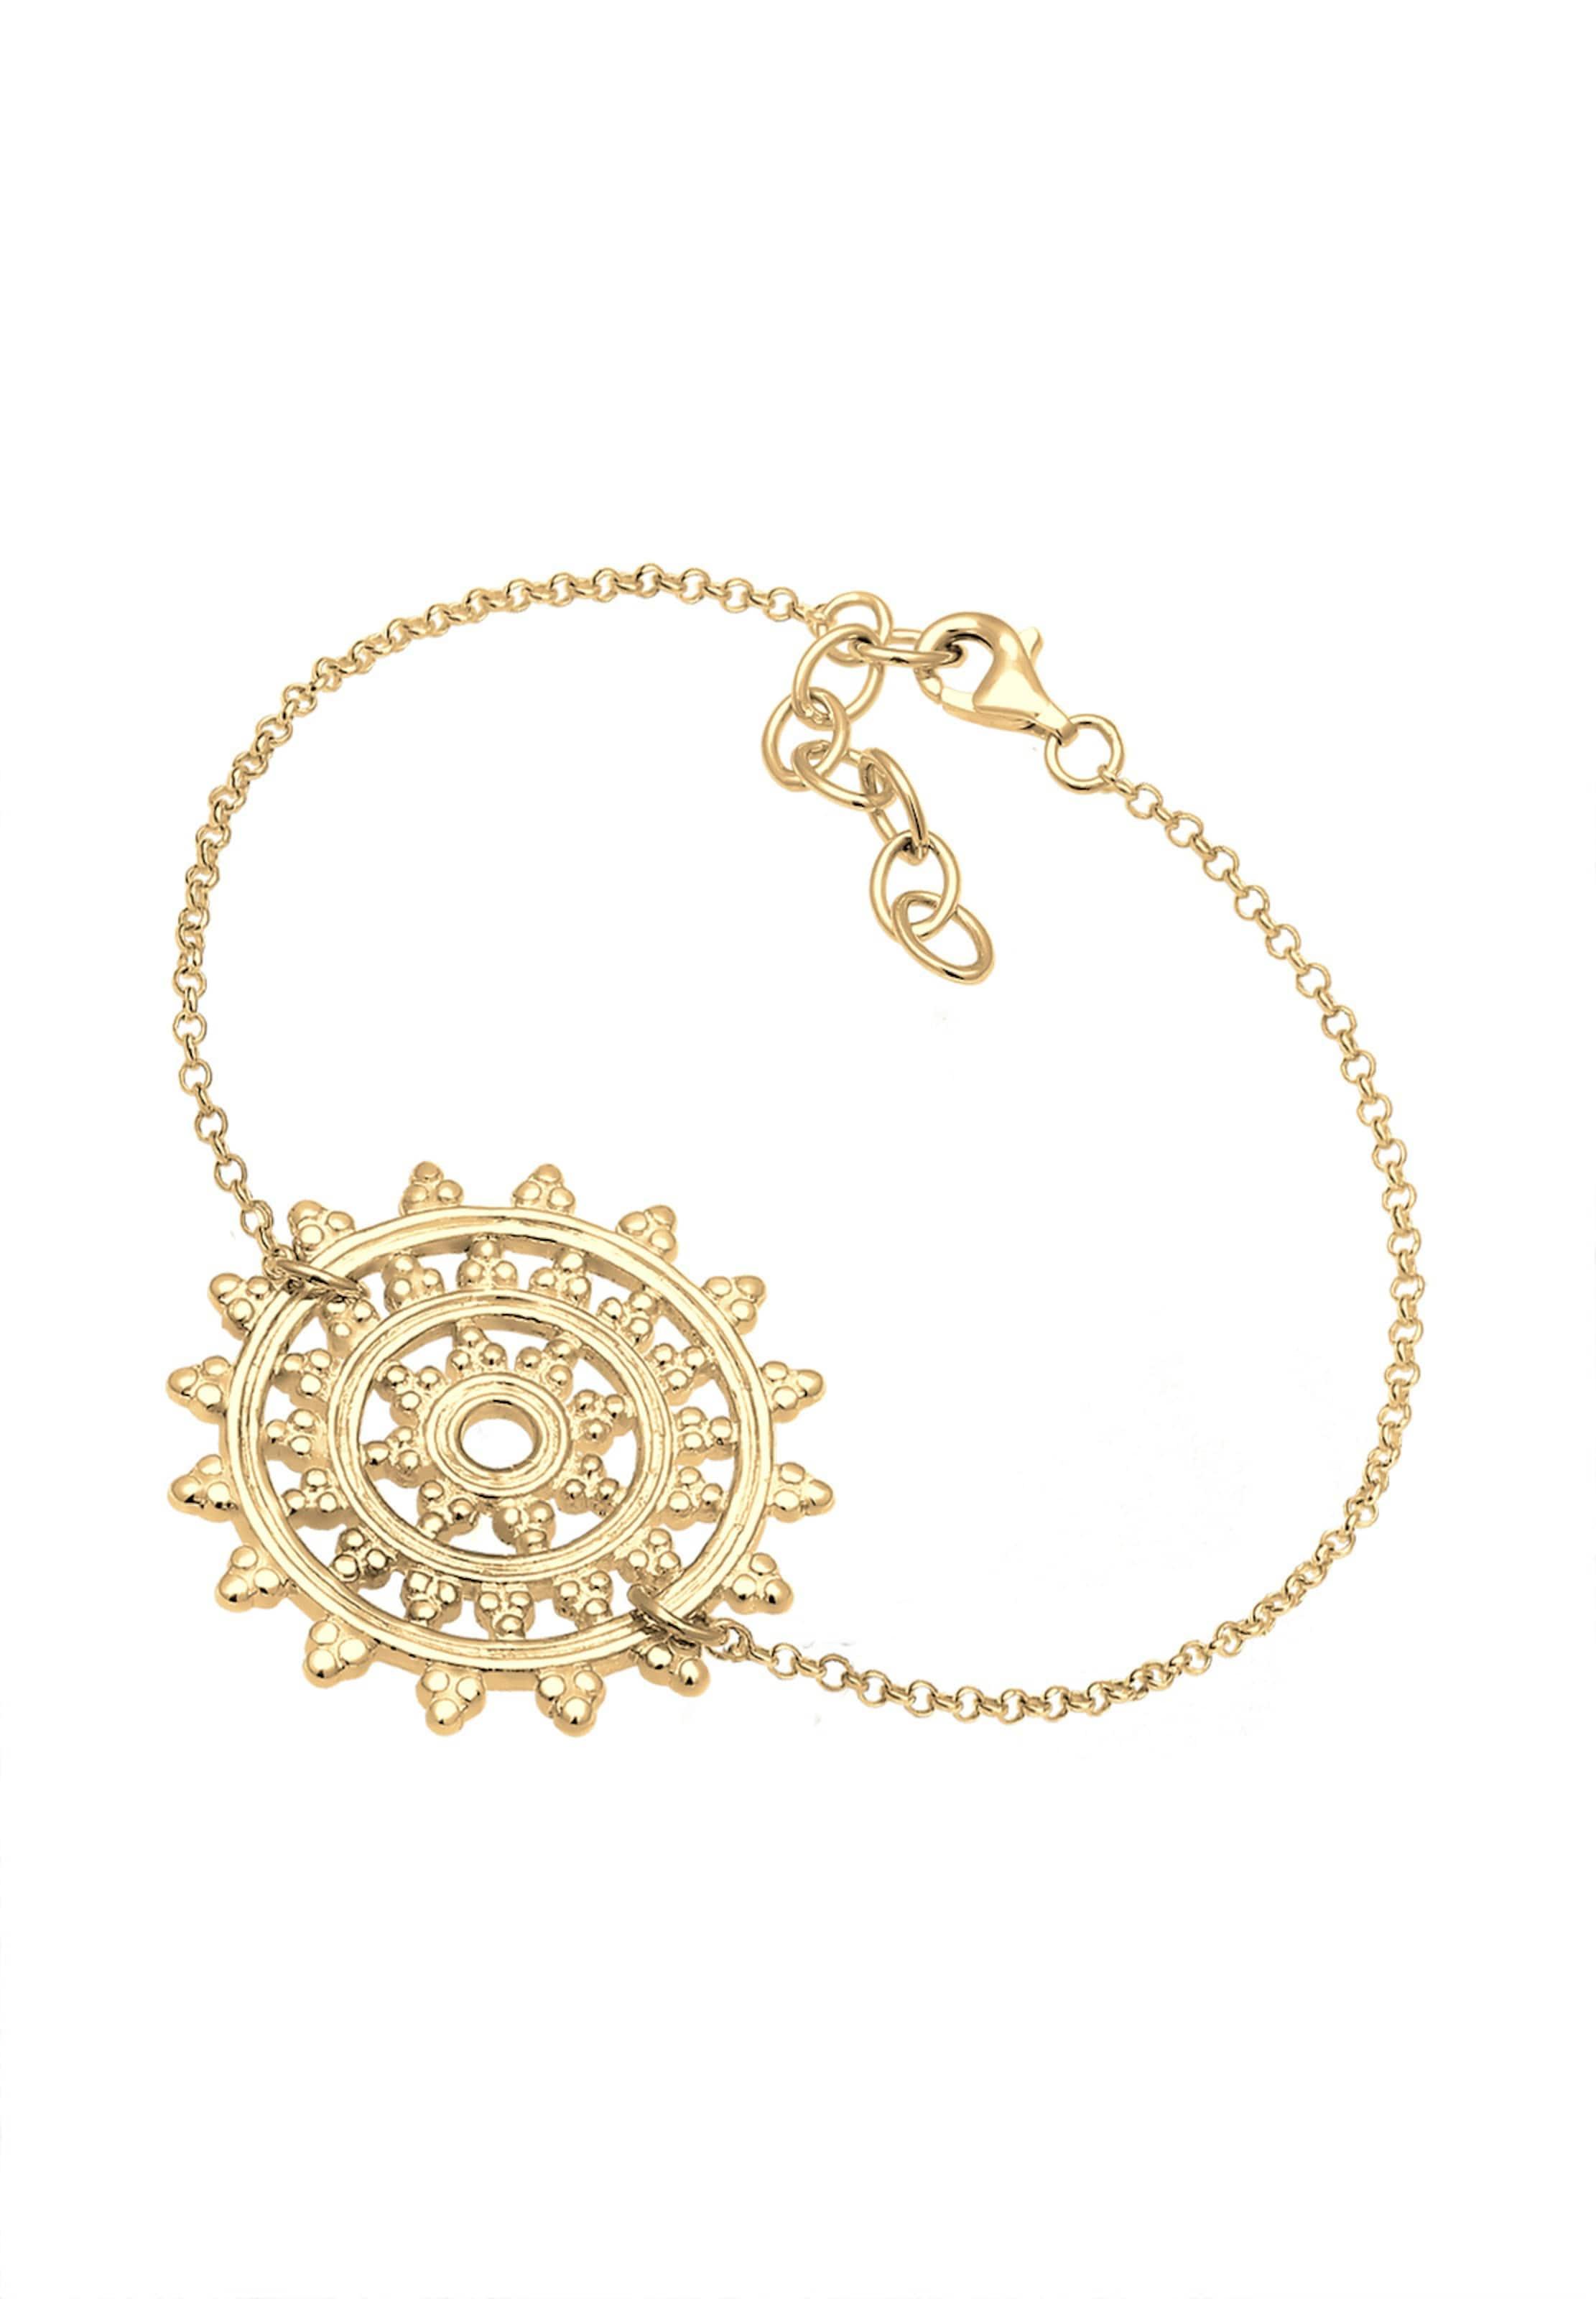 Elli 'ornamentSonne' In 'ornamentSonne' Armband Gold 'ornamentSonne' Armband In Armband Elli Gold Elli f7ybIY6gv